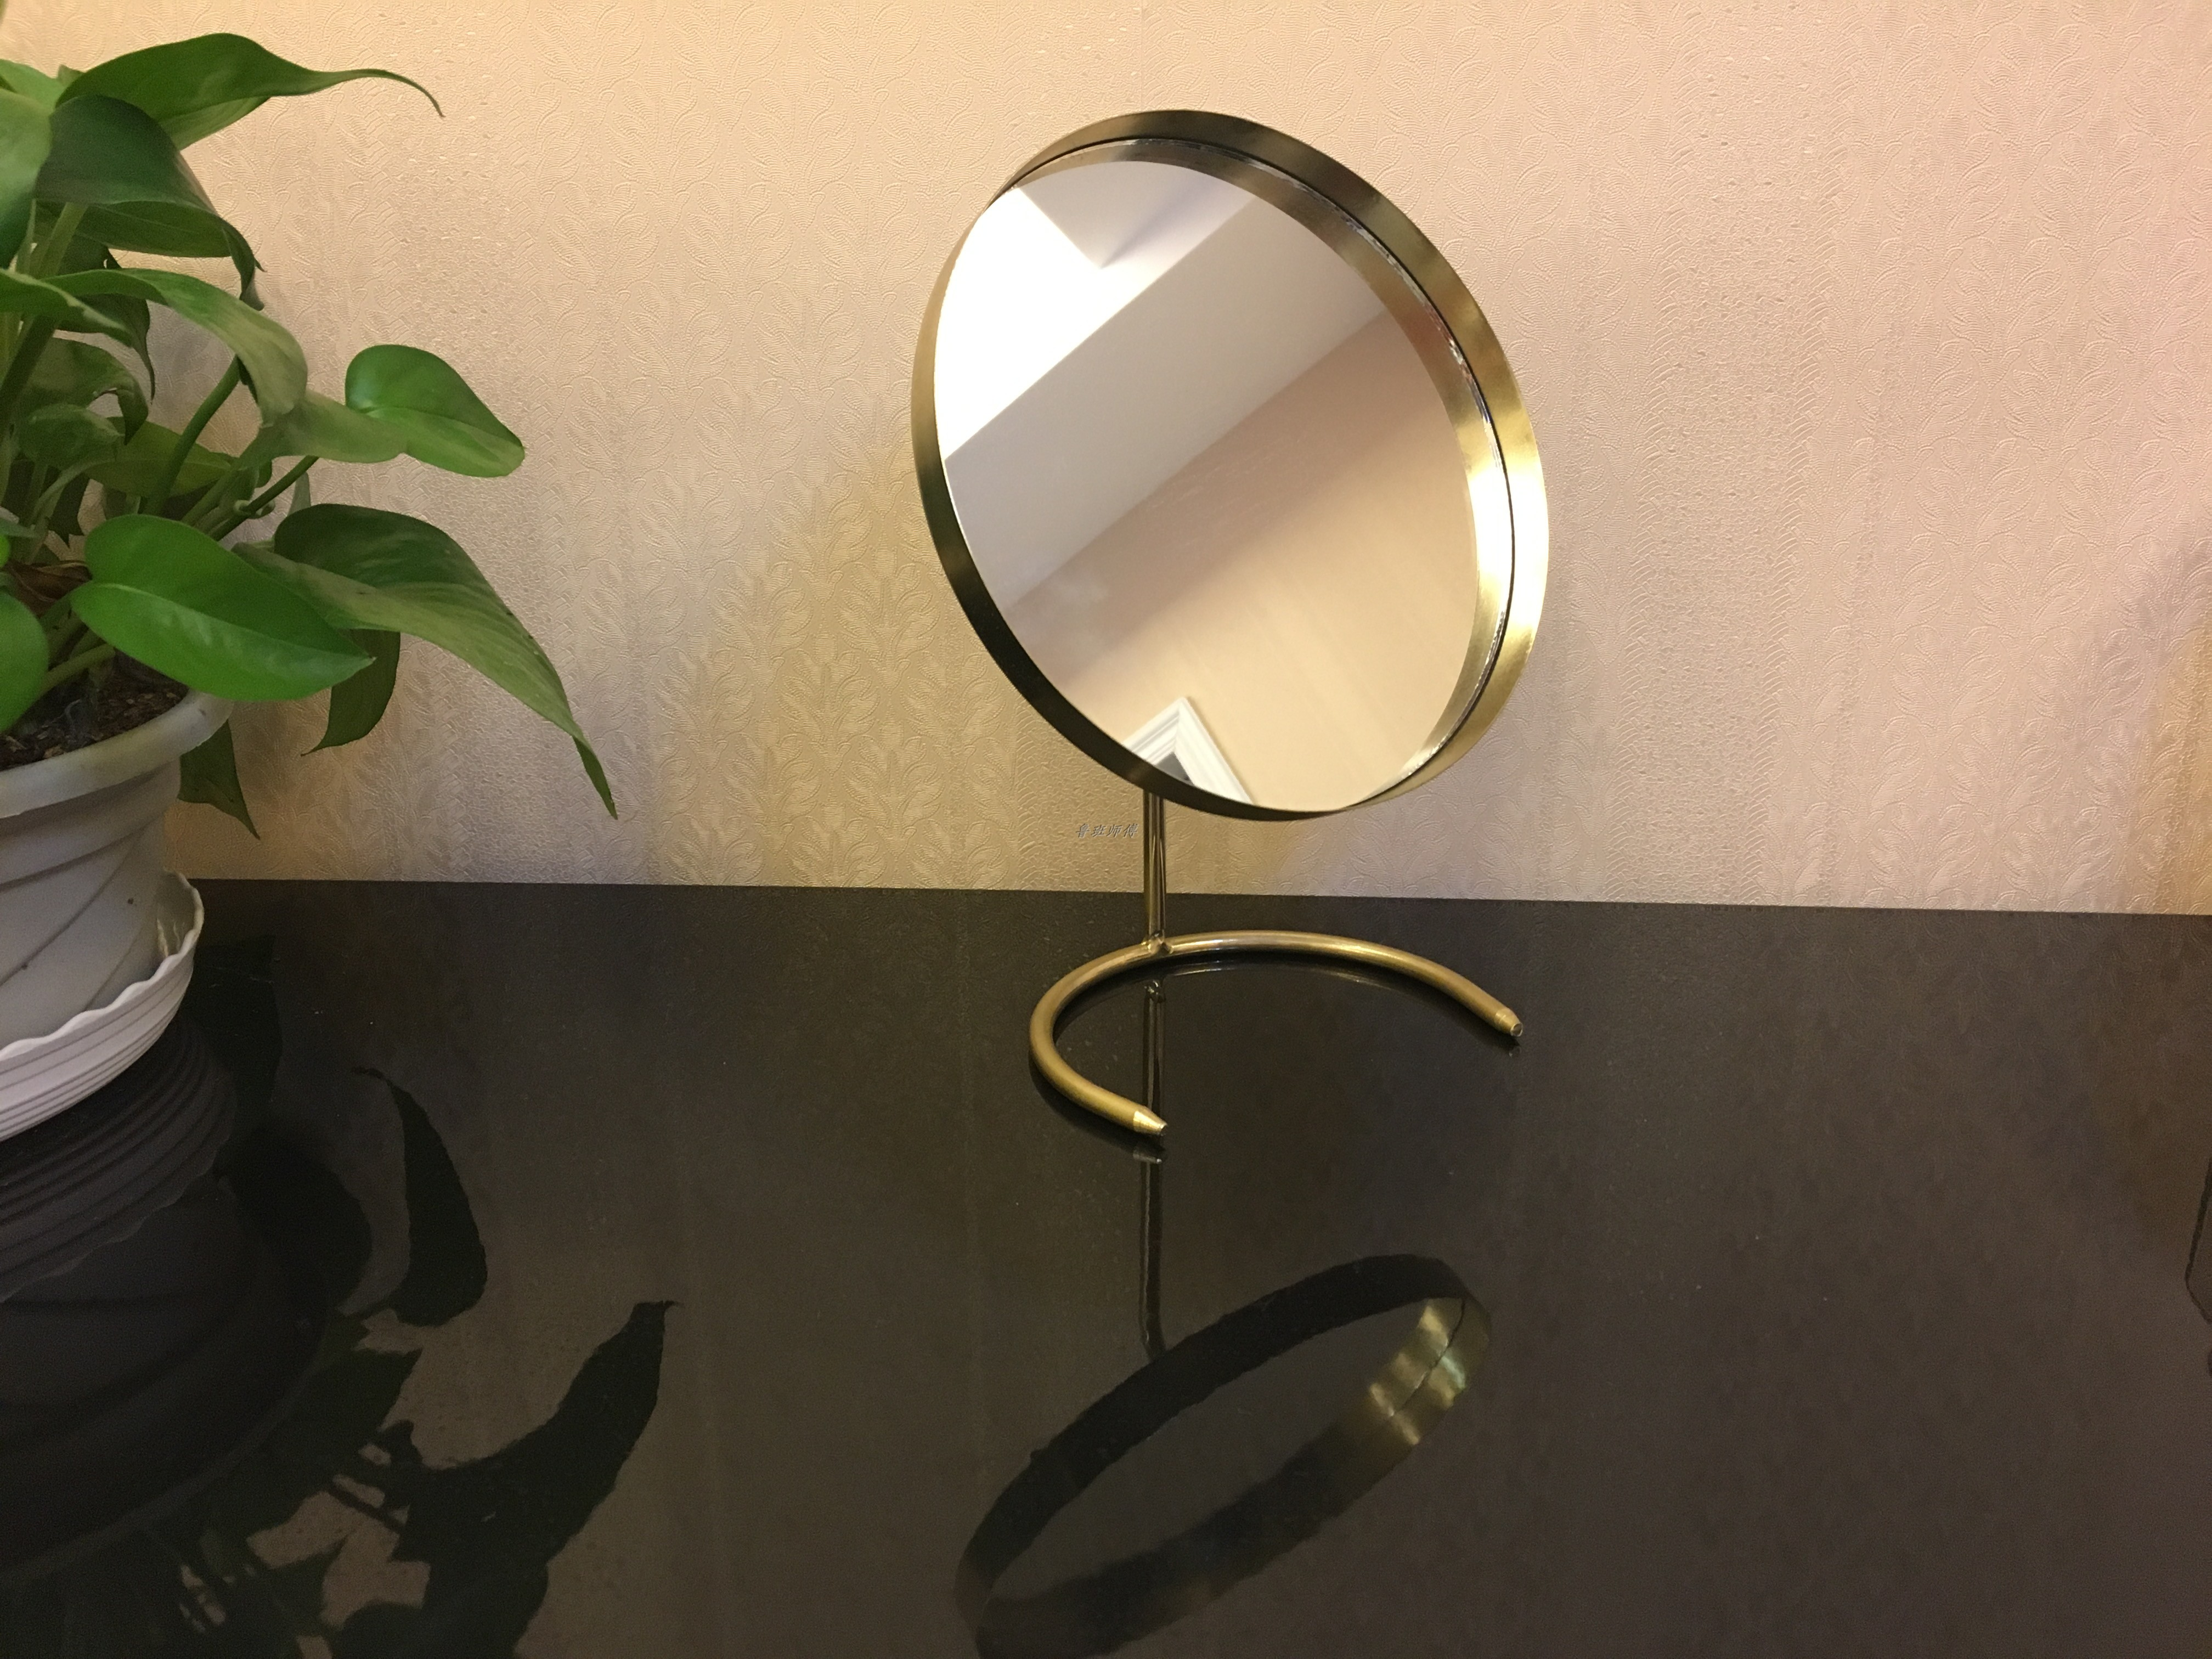 券后22.80元金色圆形梳妆镜化妆镜创意黑色装饰女生桌面装饰摆件